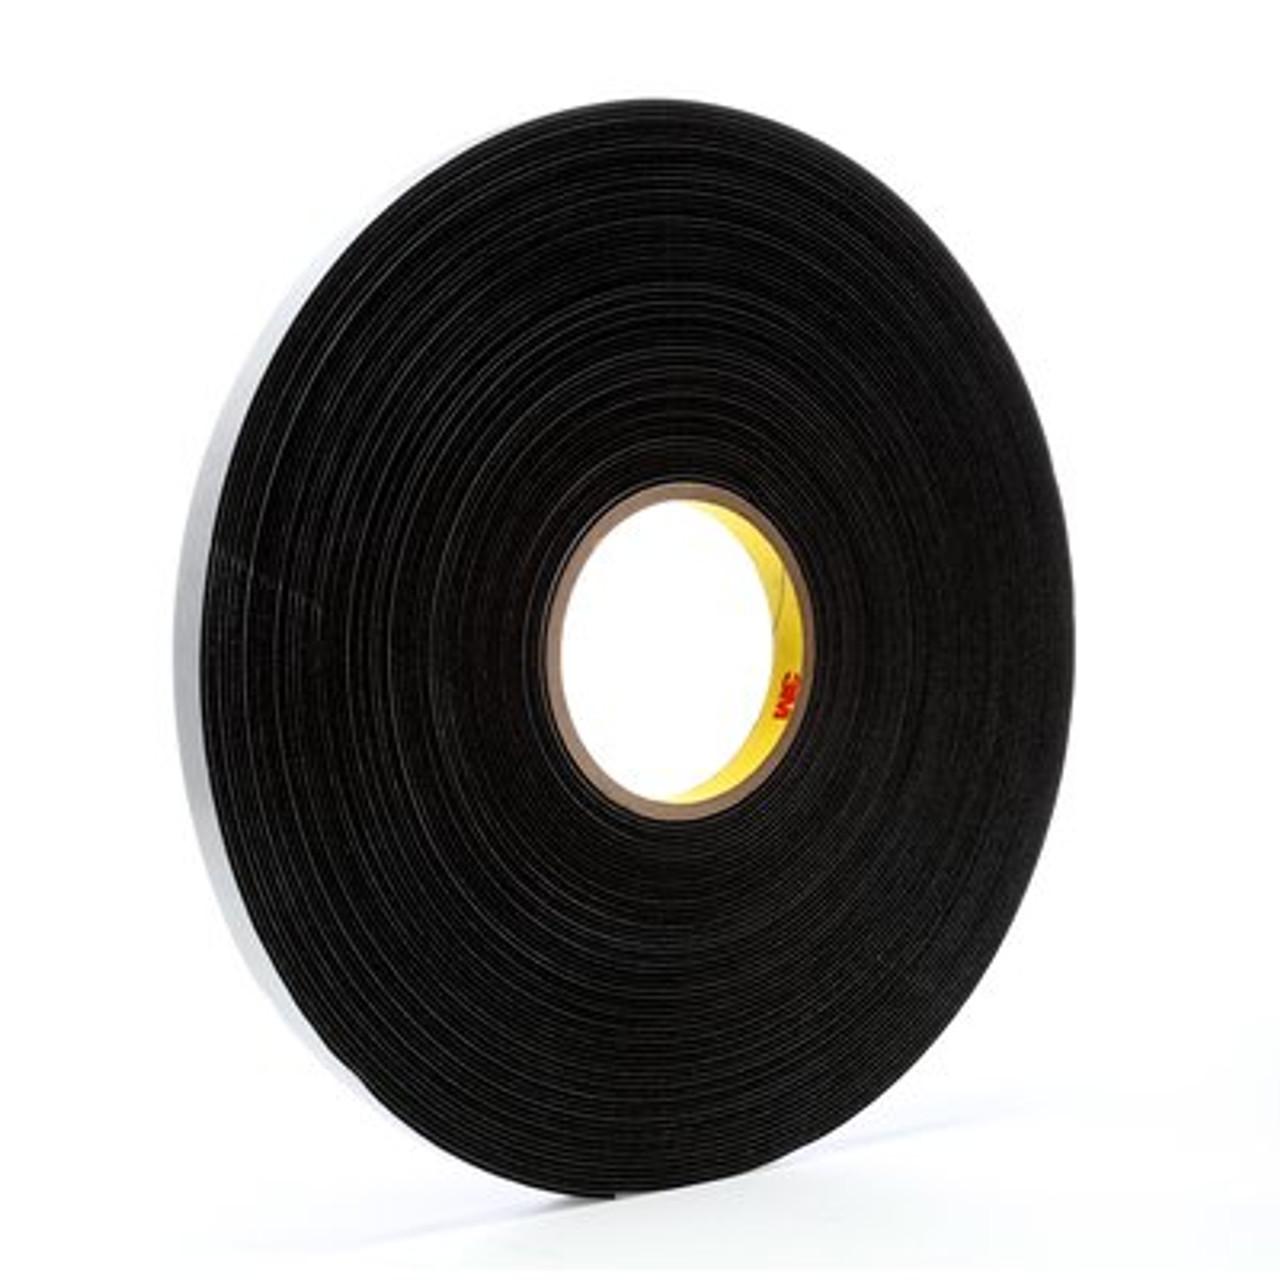 3M™ Vinyl Foam Tape 4516 Black, 1/2 in x 36 yd